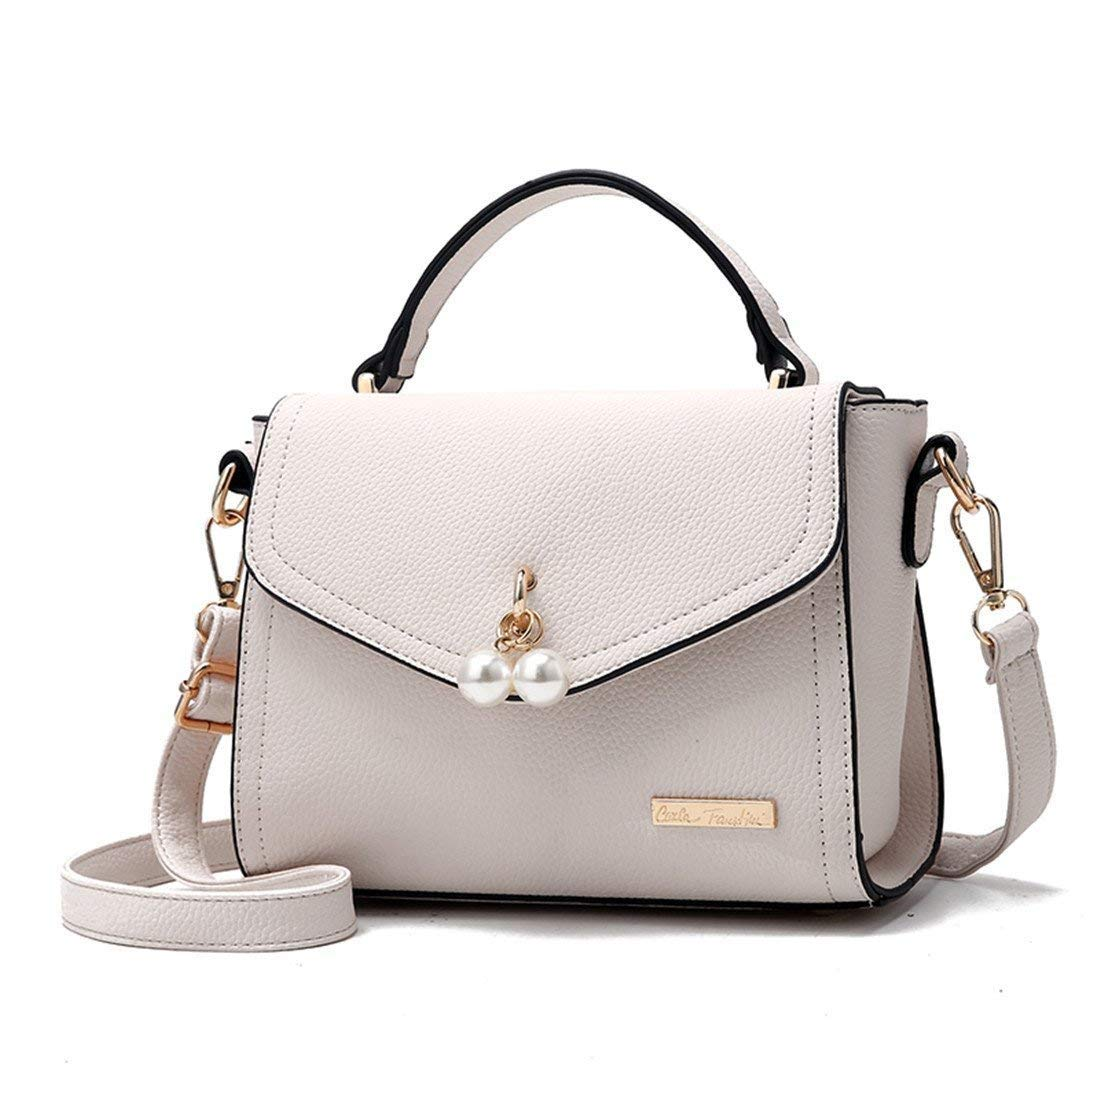 Moontang Damen Leder Handtasche Schulter Hobo Crossbody Square Perle Perle Perle Handtaschen (Farbe   Weiß, Größe   -) B07H782YDN Clutches Ein Gleichgewicht zwischen Zähigkeit und Härte 5b8b33